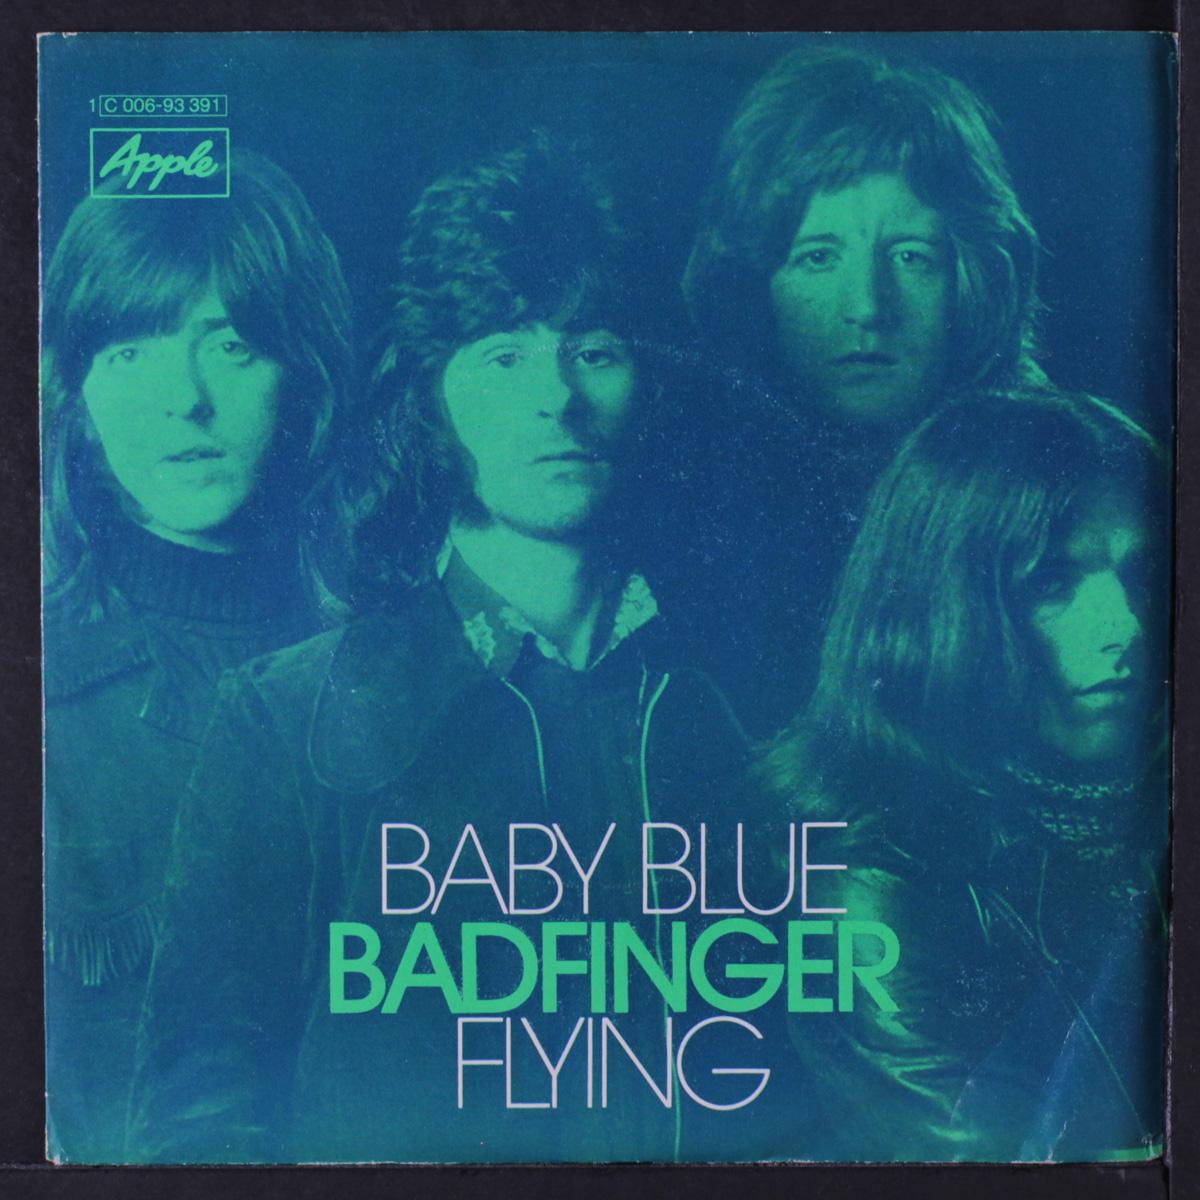 Badfinger – BabyBlue